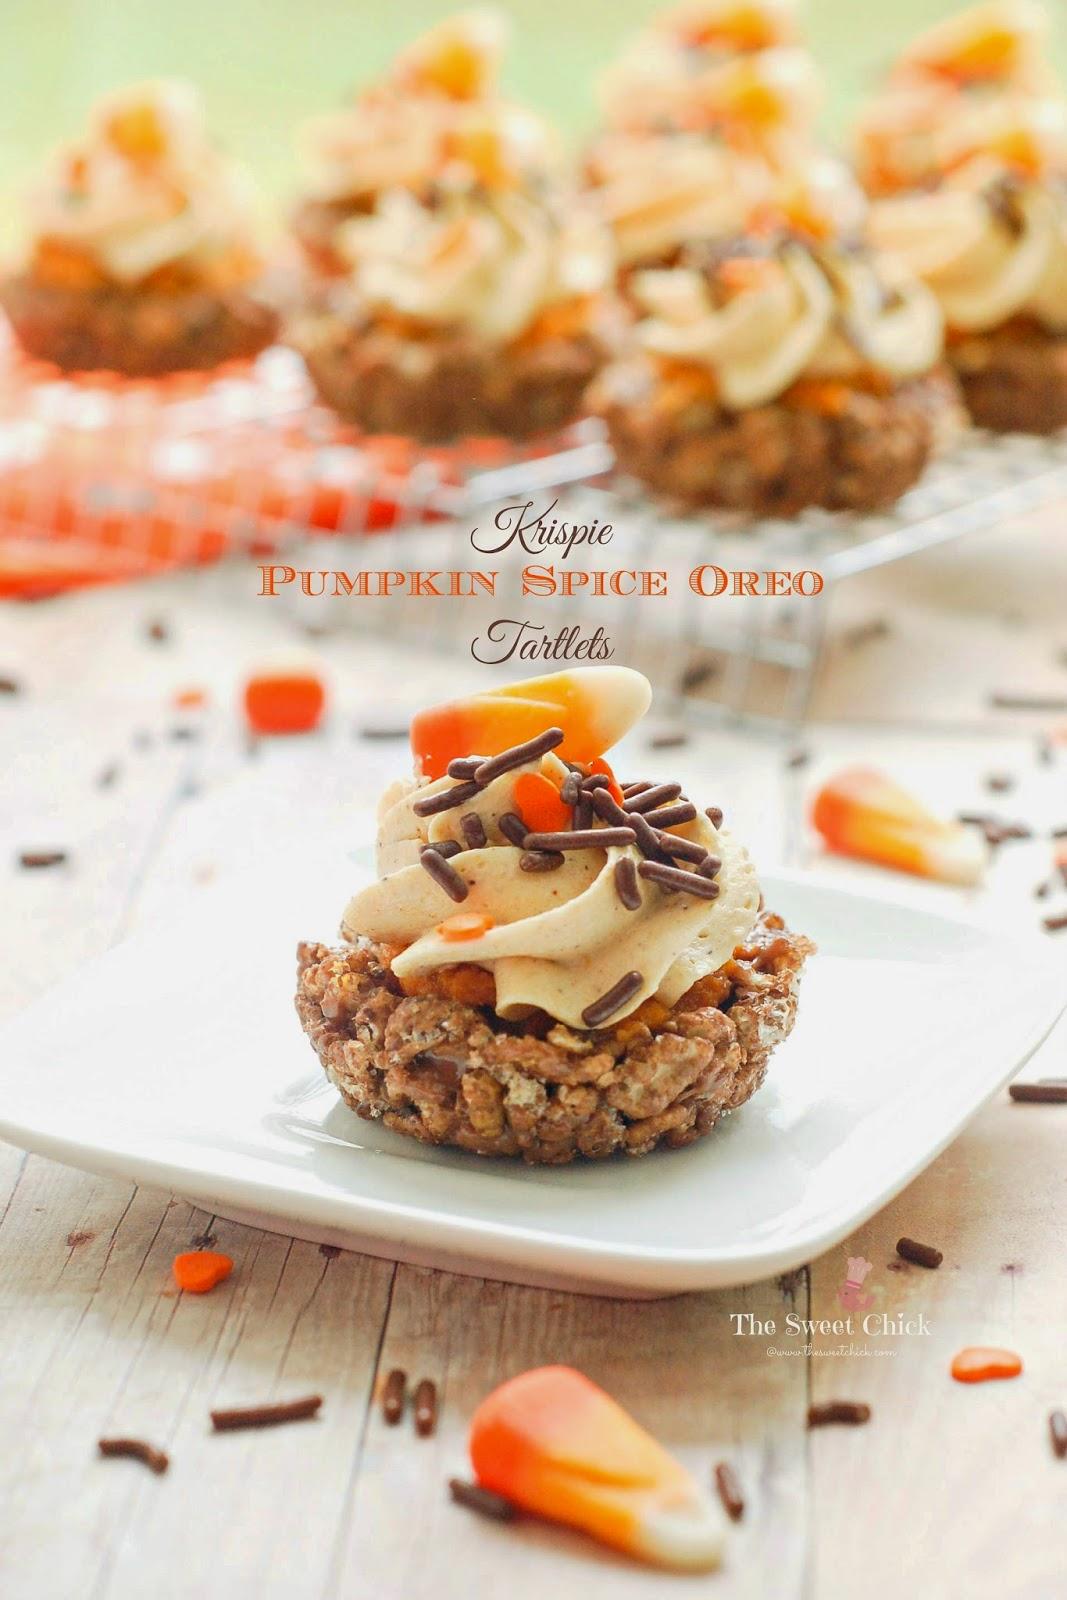 Krispie-Pumpkin-Spice-Oreo-Tartlets by The Sweet Chick